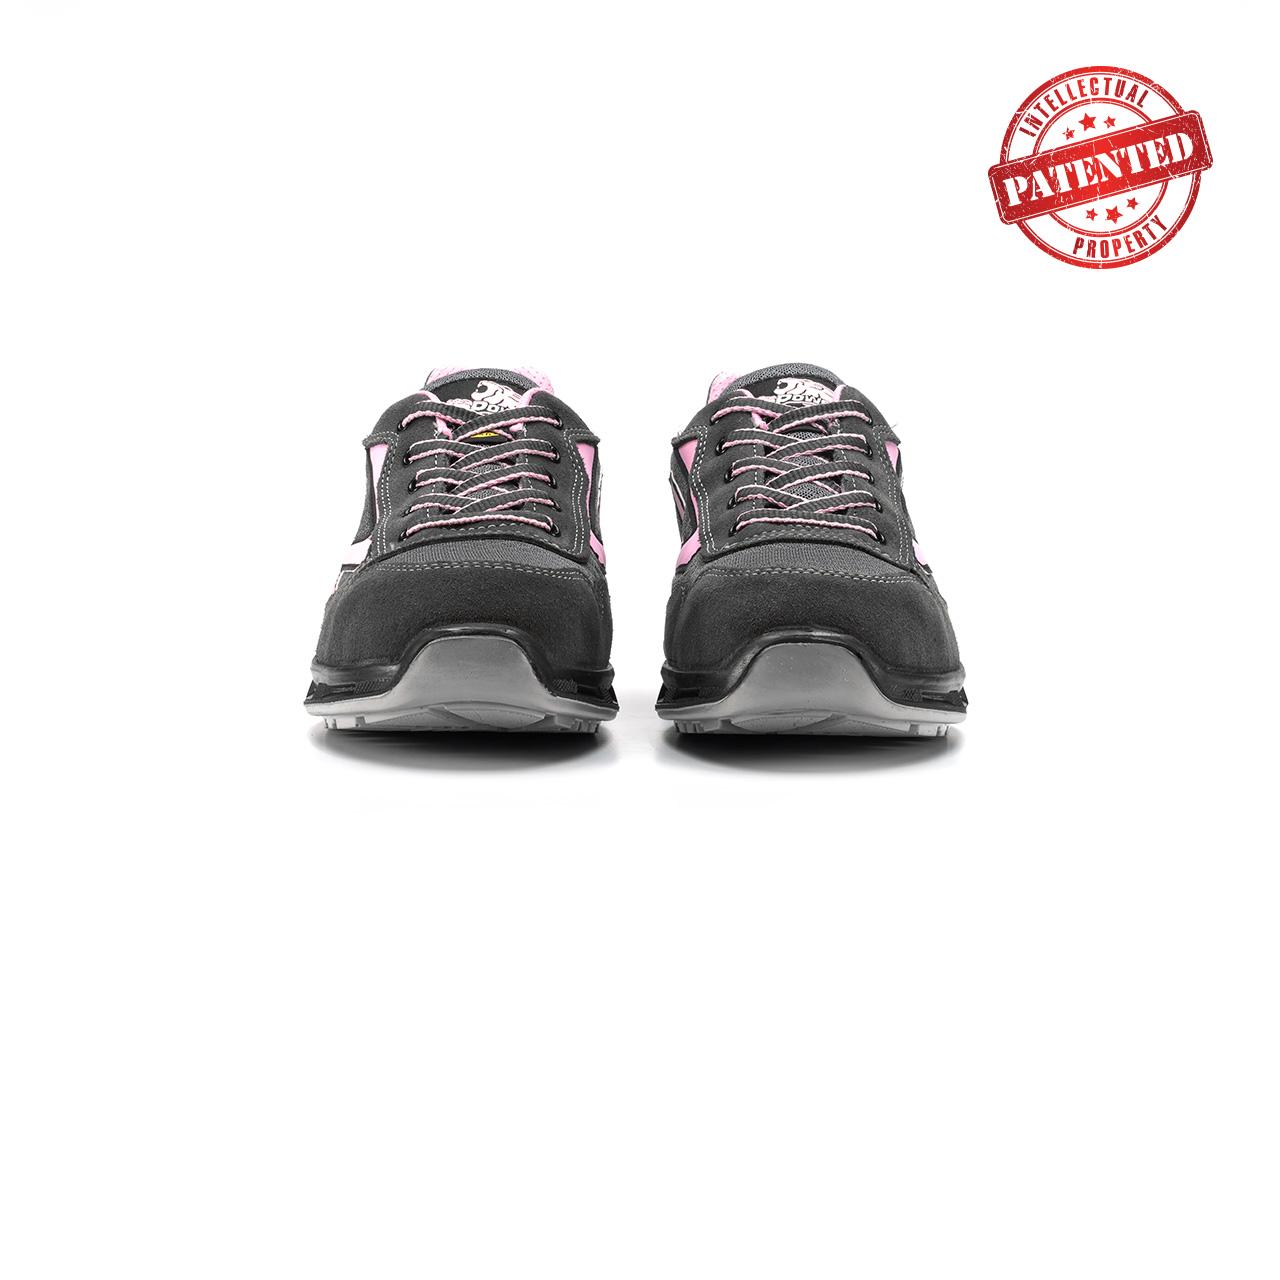 paio di scarpe antinfortunistiche upower modello cherry linea redlion vista frontale